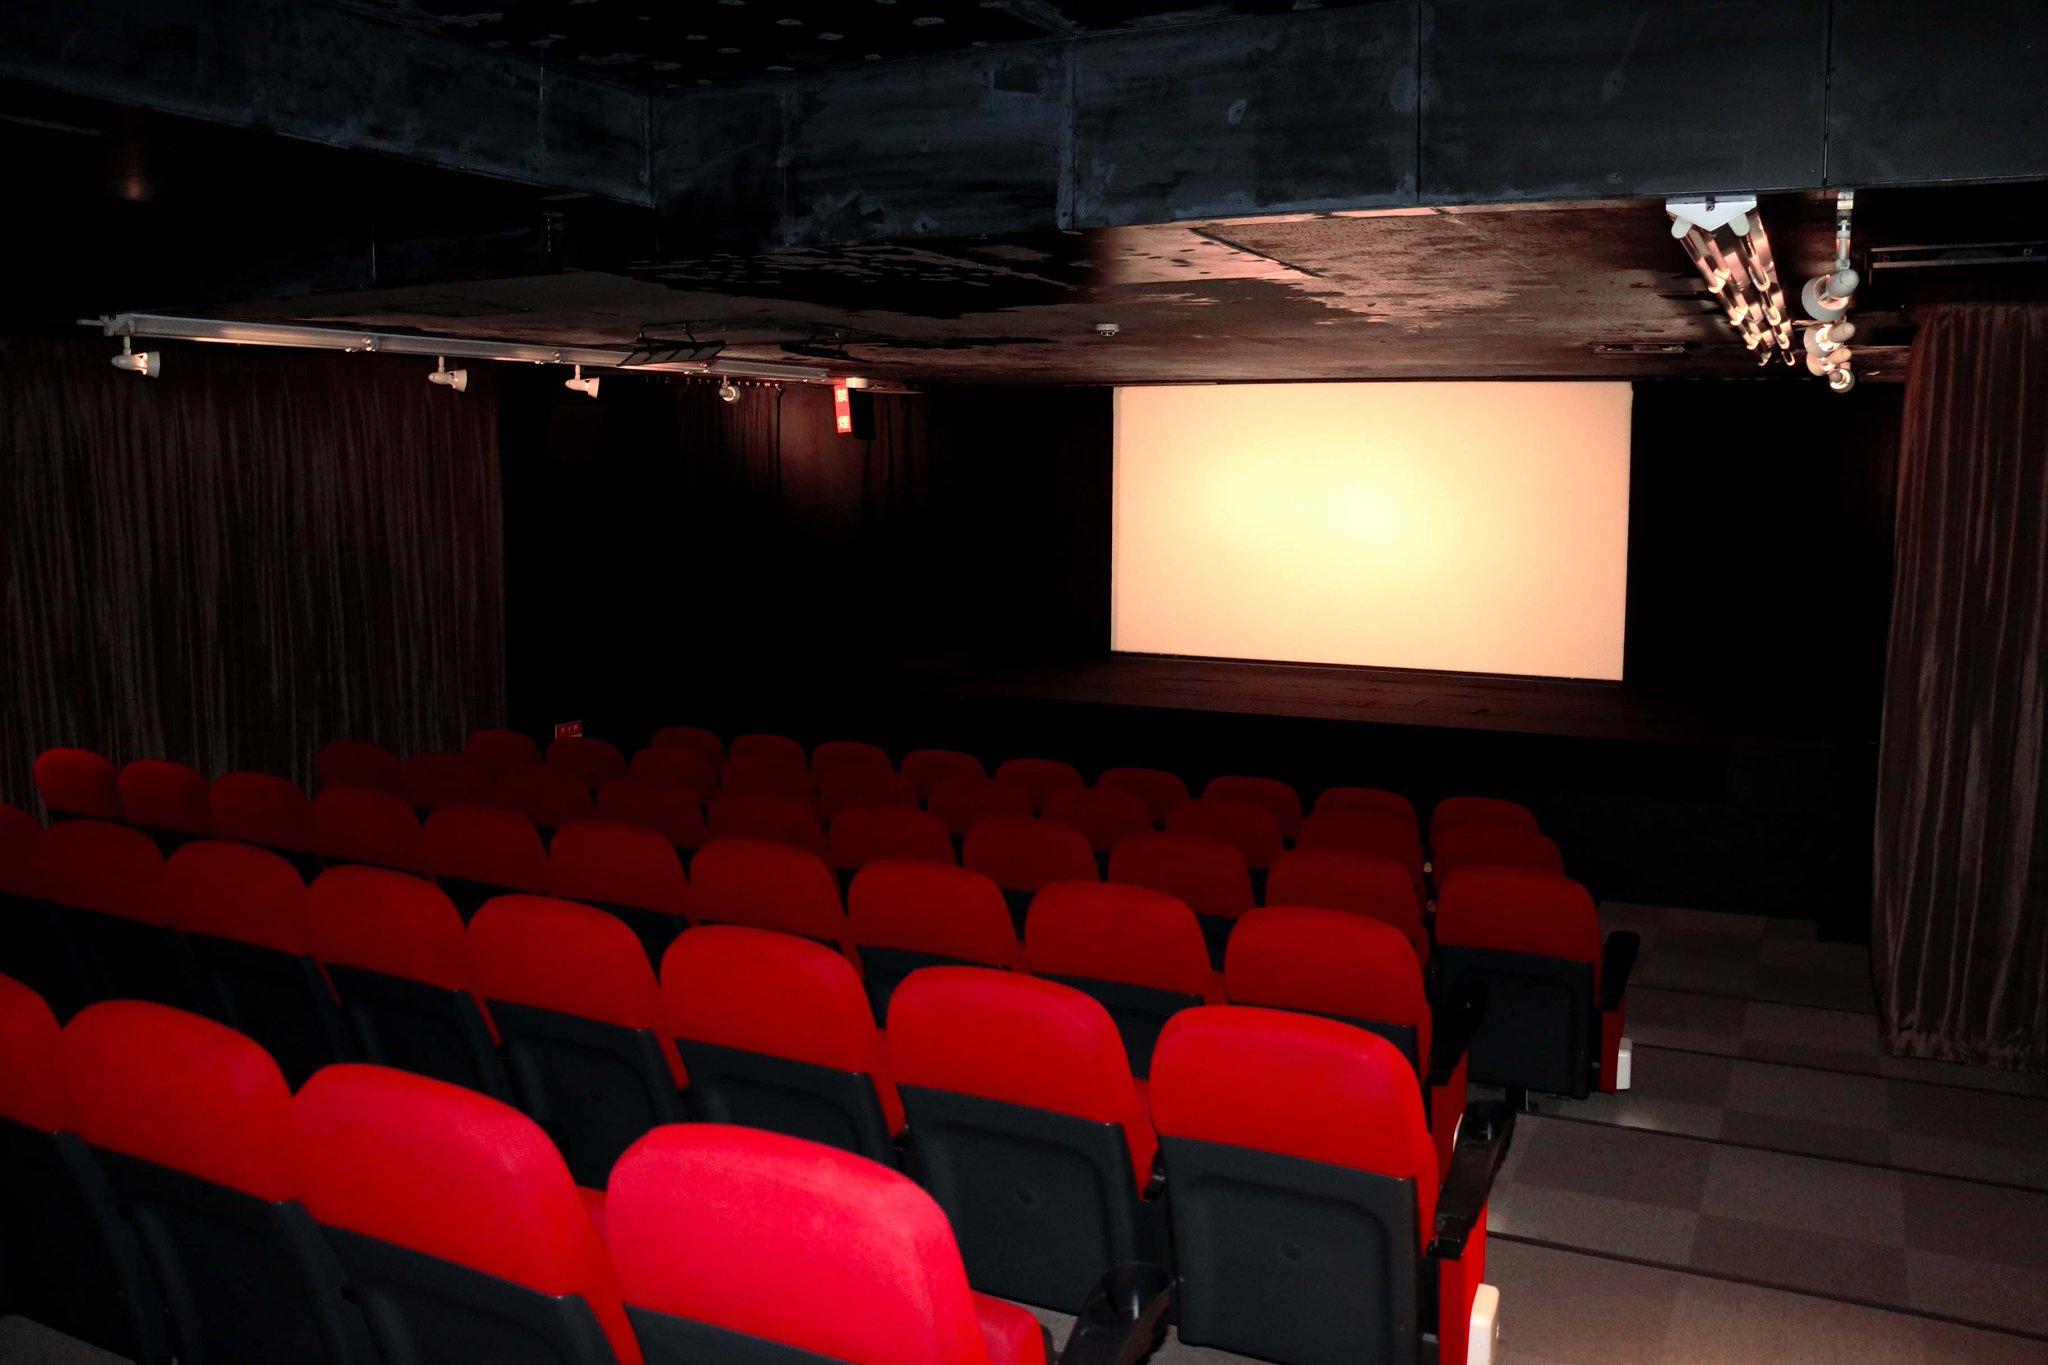 「元町映画館」シンプルに知らない人のために ・8/21で8周年 ・周年企画は毎年多ジャンル ・今年はあの地域? ・スタンプ5つためると1本無料 ・→ぎりぎり貯めれない ・大阪、京都で見逃した作品ギリ観れる ・中国、四国地方で上映しない作品も観れる最後の砦(自称) ・初来場は自由席システムに迷う(ひ) https://t.co/iupKHVxUWt